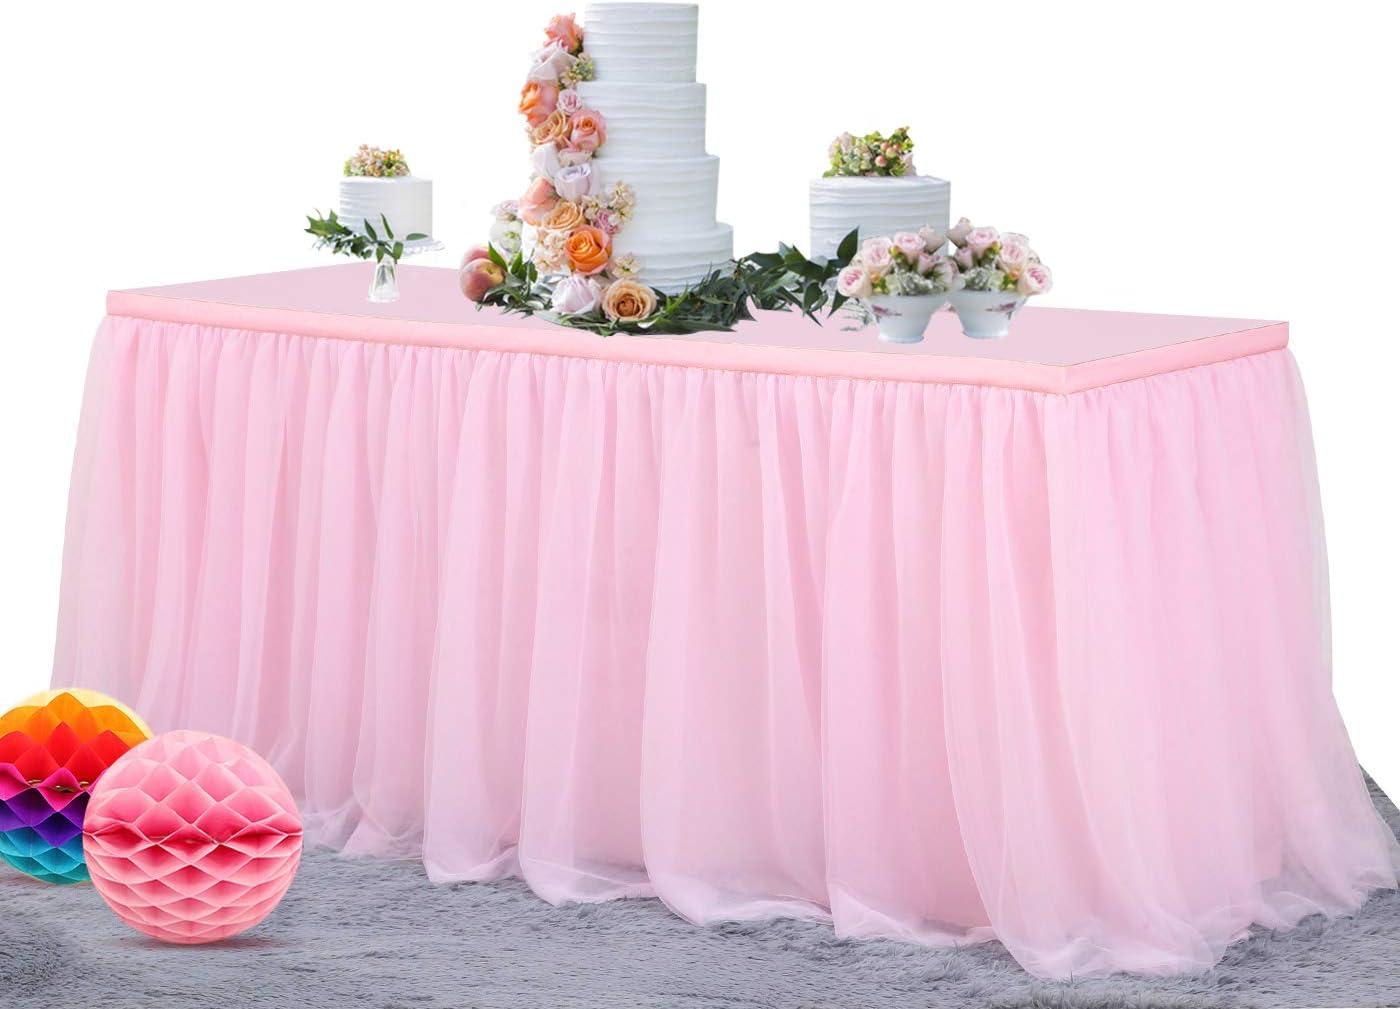 NSSONBEN 6FT Pink Tulle Table Skirt for Party Elastic Grenadine Tutu Table Skirting for Baby Shower (L72in×H30in)